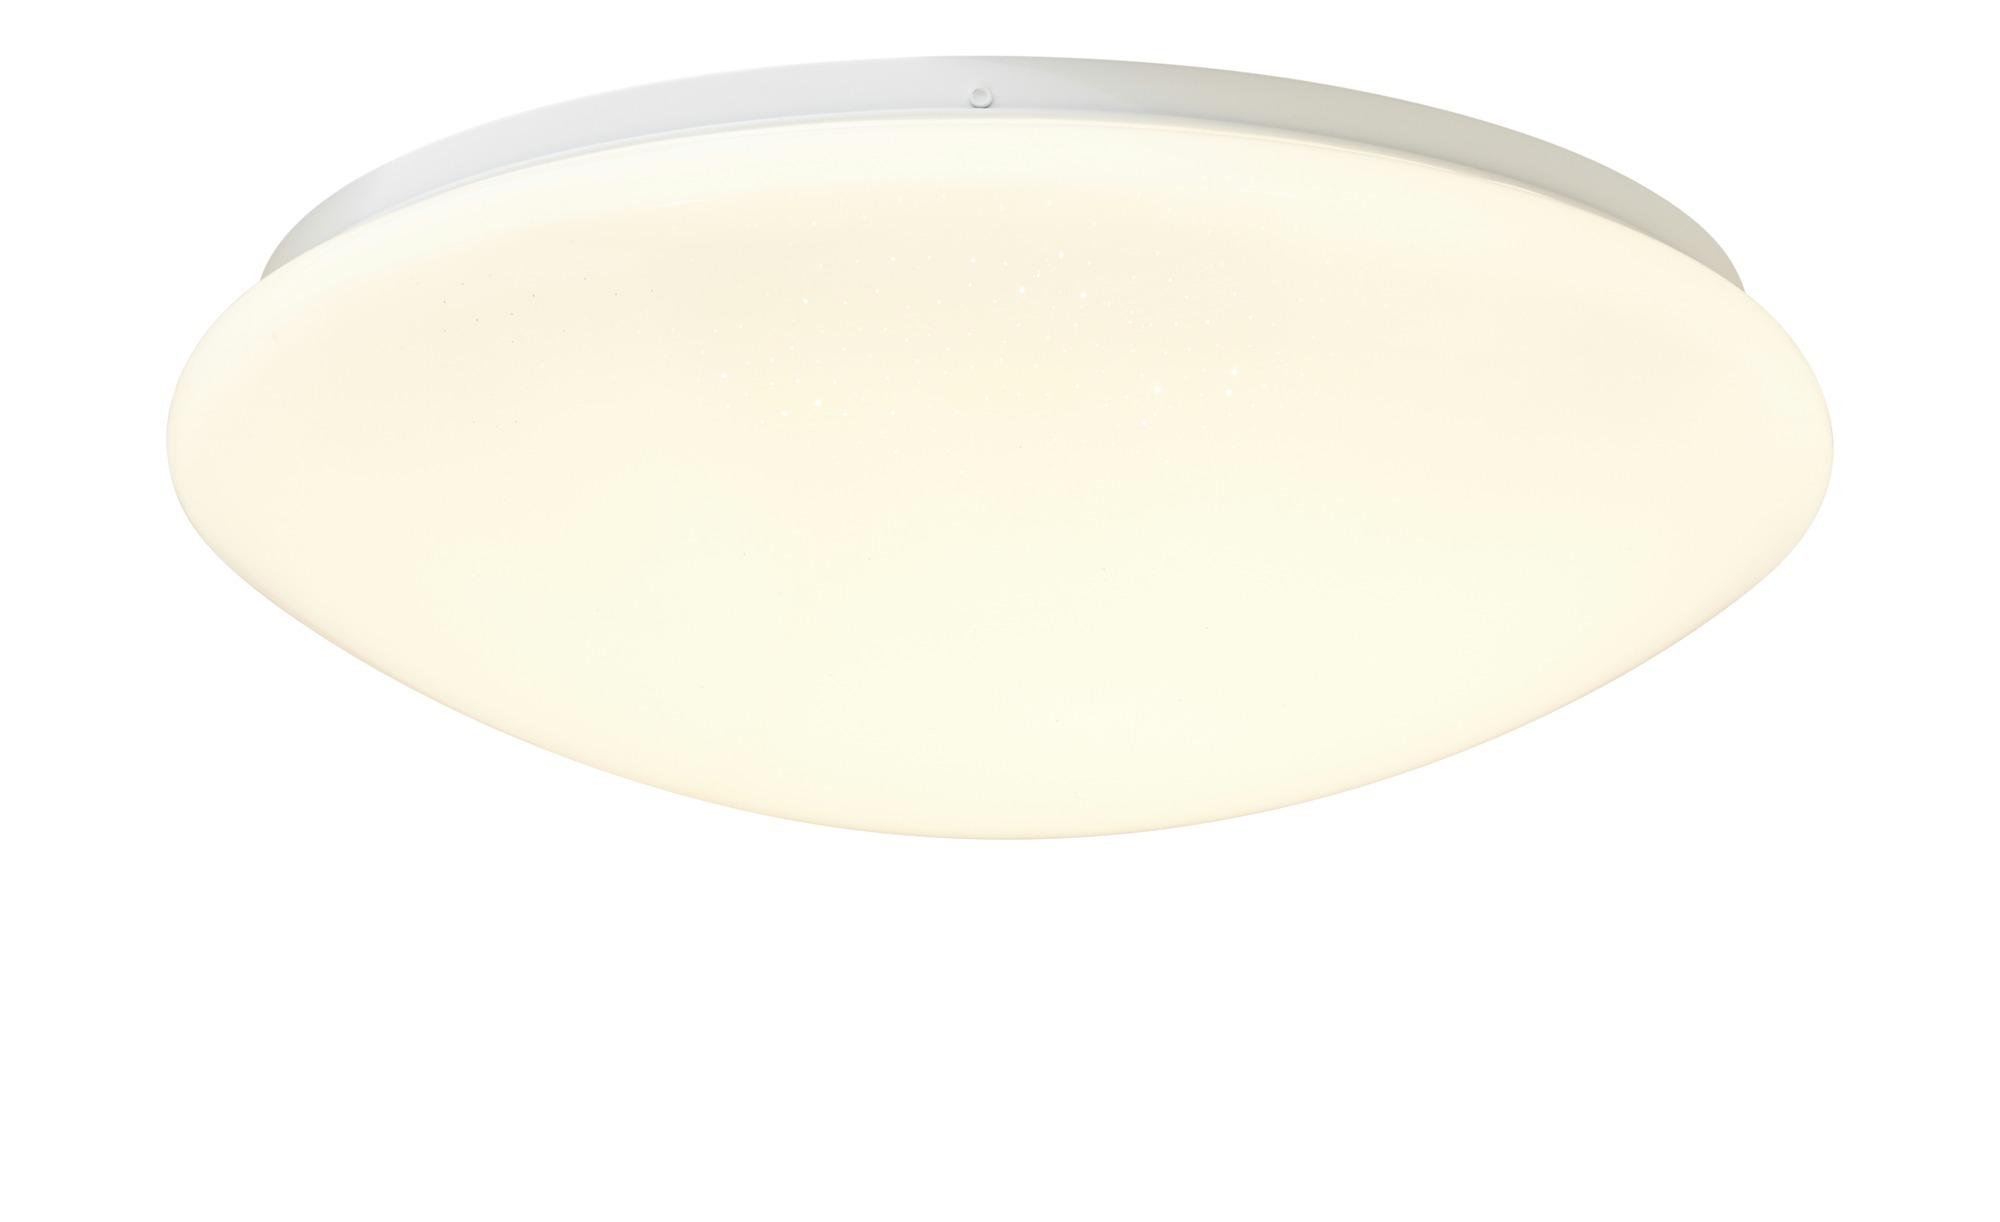 KHG LED-Deckenleuchte, Sternenhimmeleffekt ¦ weiß ¦ Maße (cm): H: 9,5 Ø: 30 Lampen & Leuchten > Innenleuchten > Deckenleuchten - Höffner